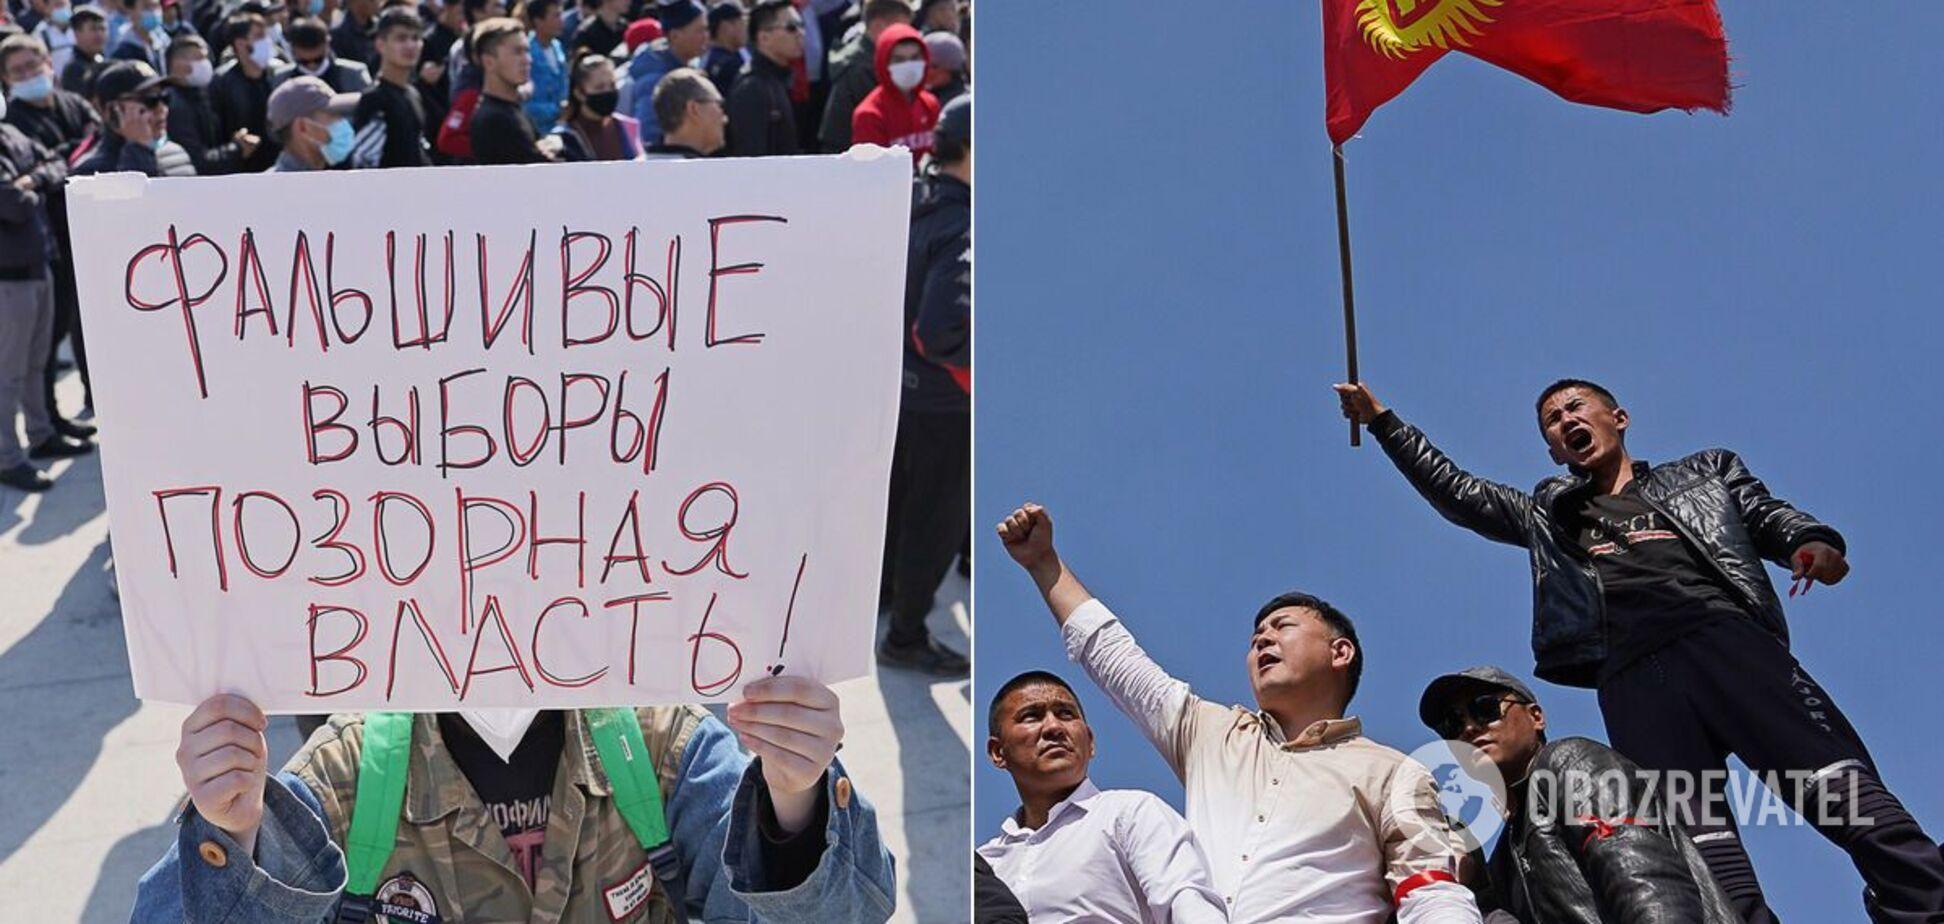 Протести в Киргизстані